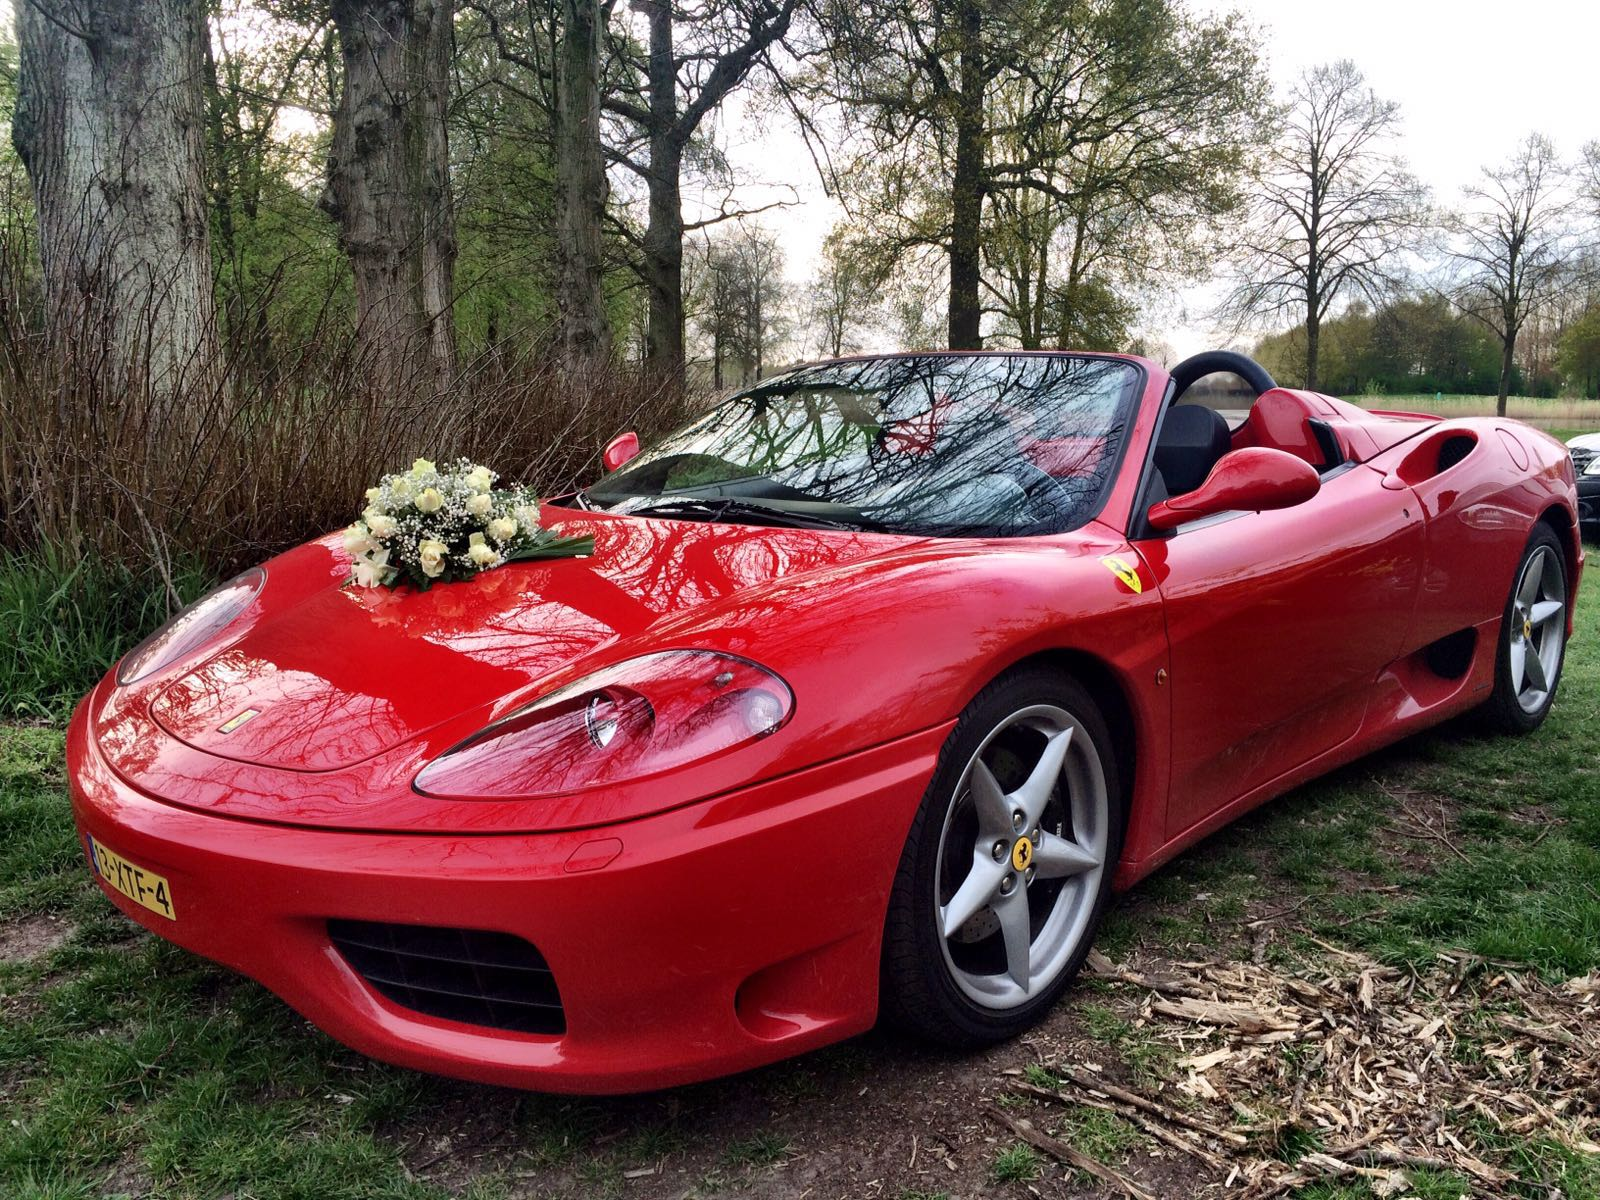 Wishes and Weddings Ferrari 360 Modena